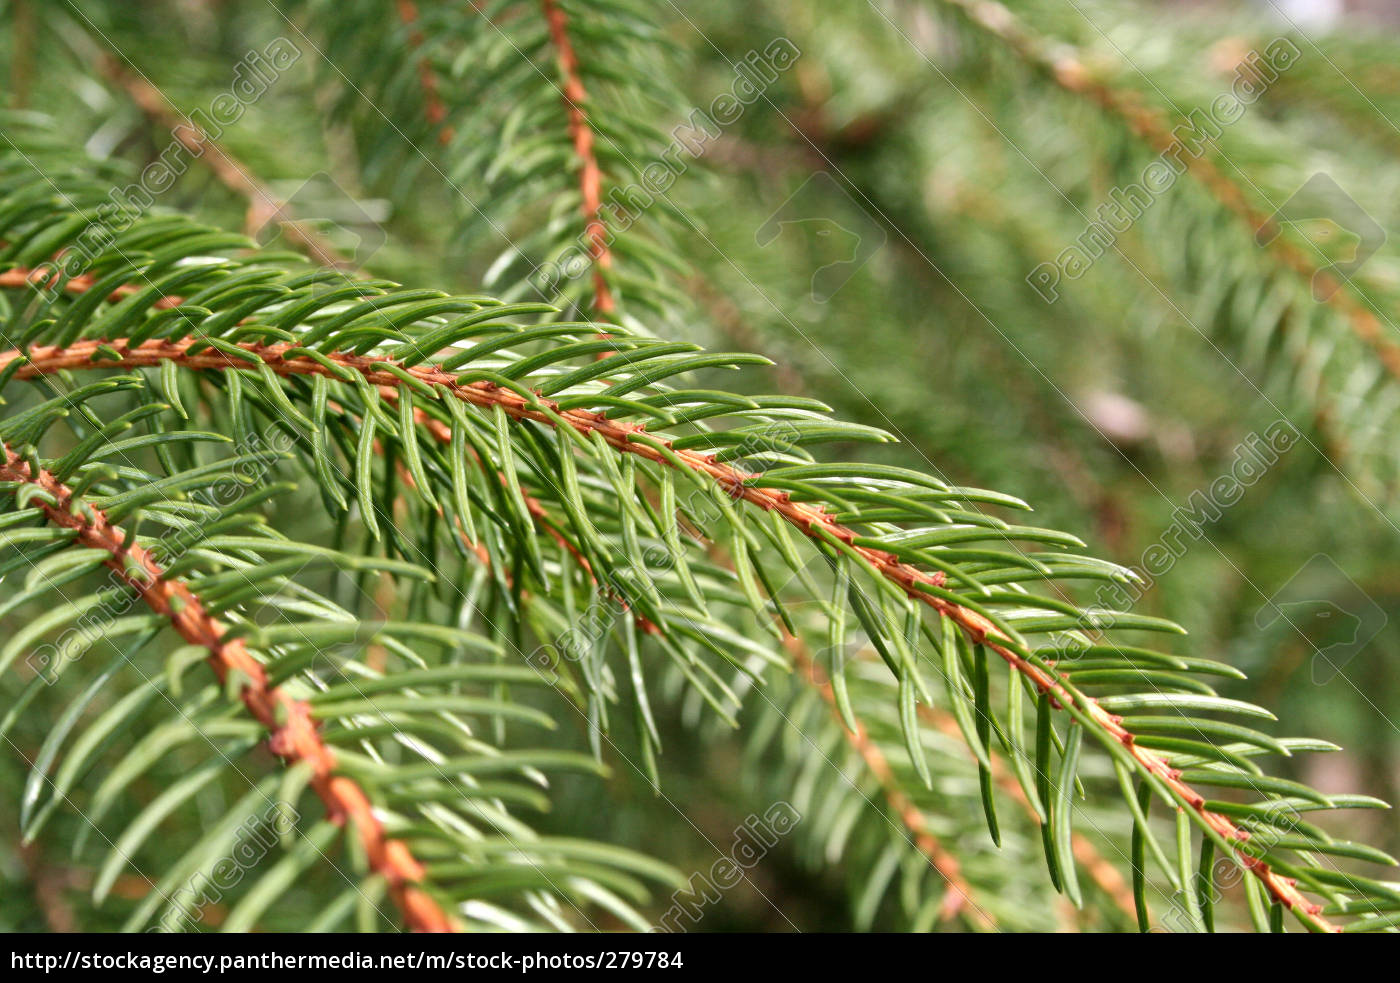 pine, needles - 279784